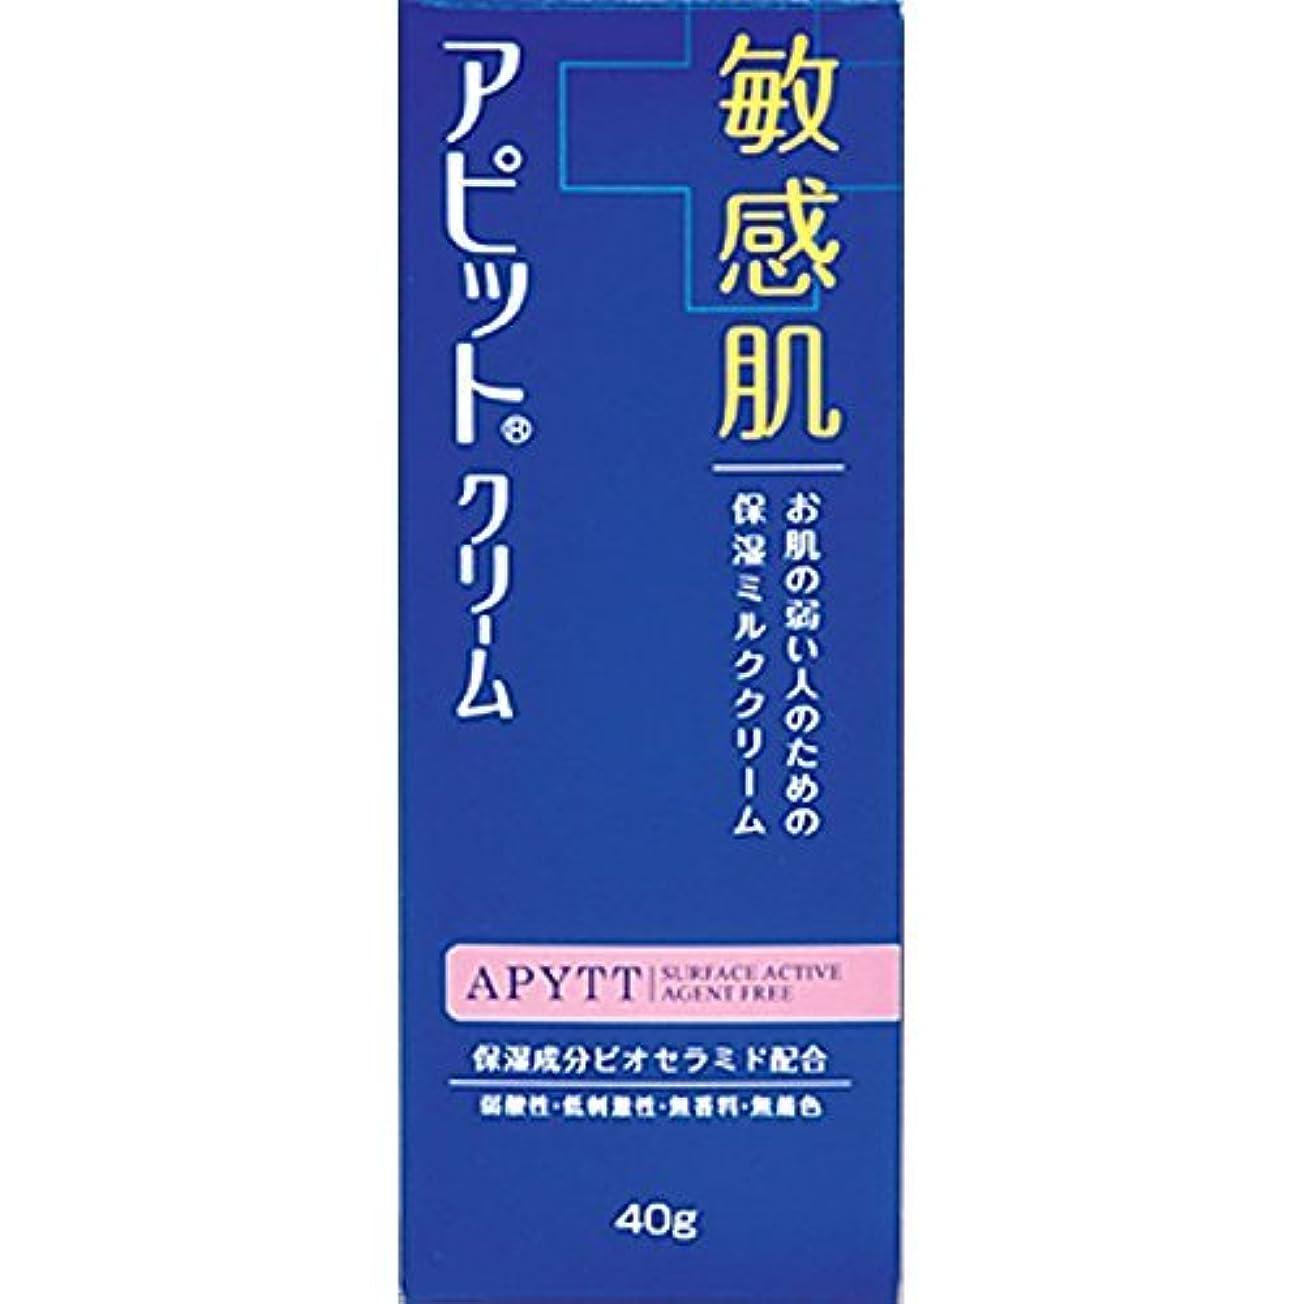 高層ビル粗い引き算全薬工業 アピットクリーム 40g (医薬部外品)